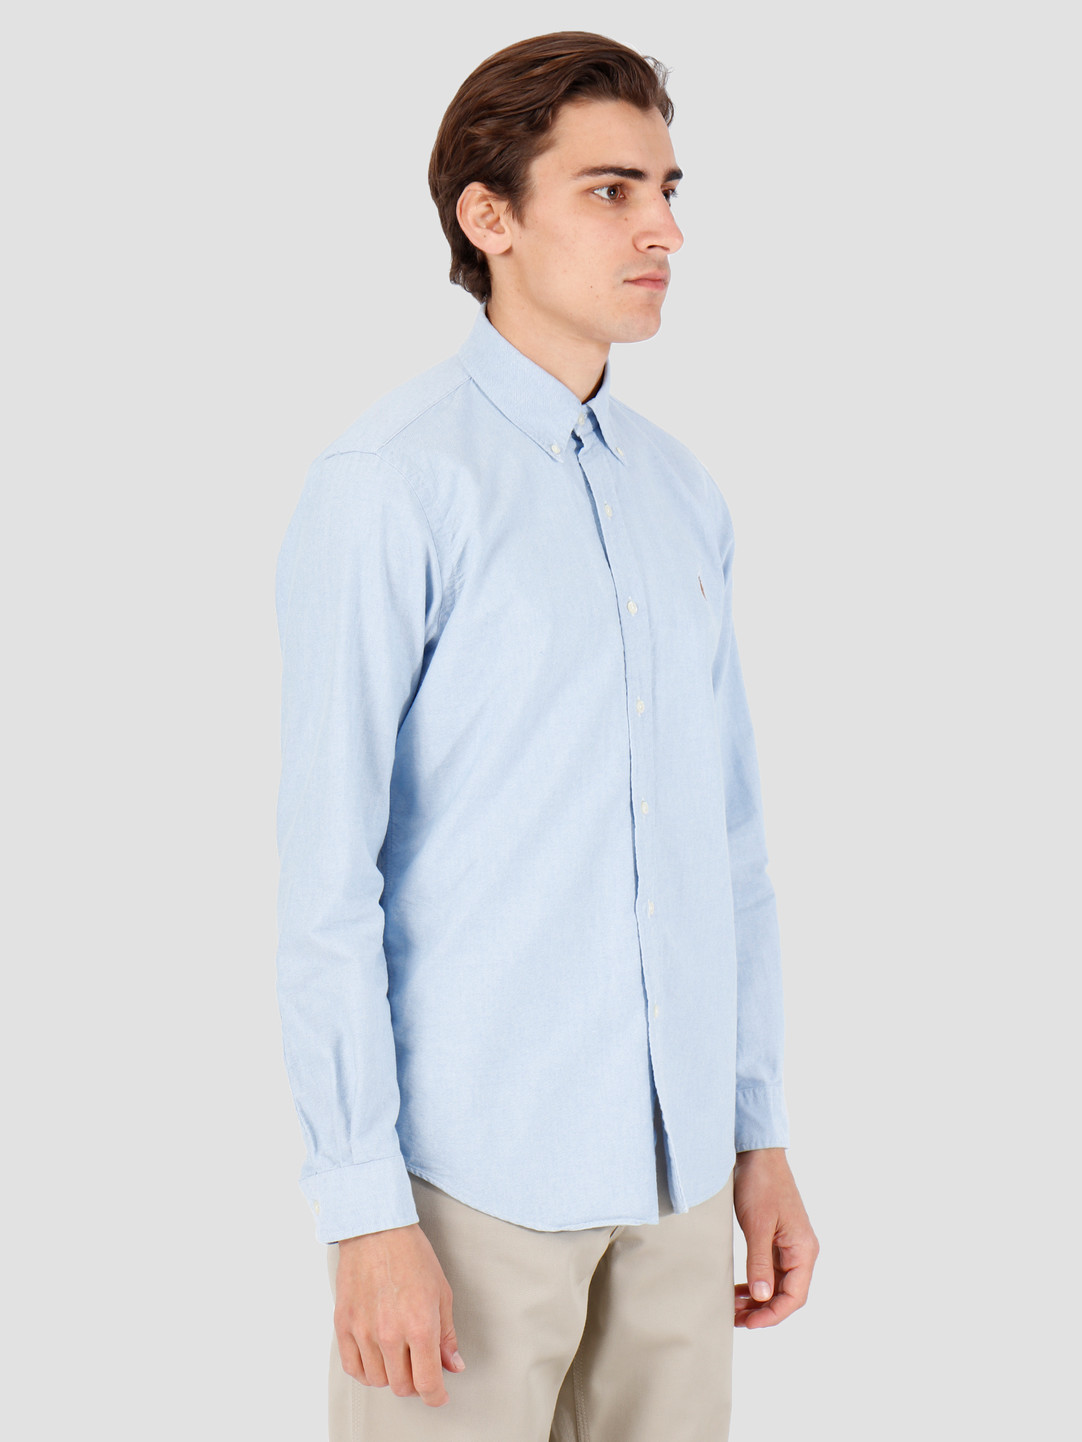 Polo Ralph Lauren Polo Ralph Lauren Classic Fit Shirt Blue 710548535002